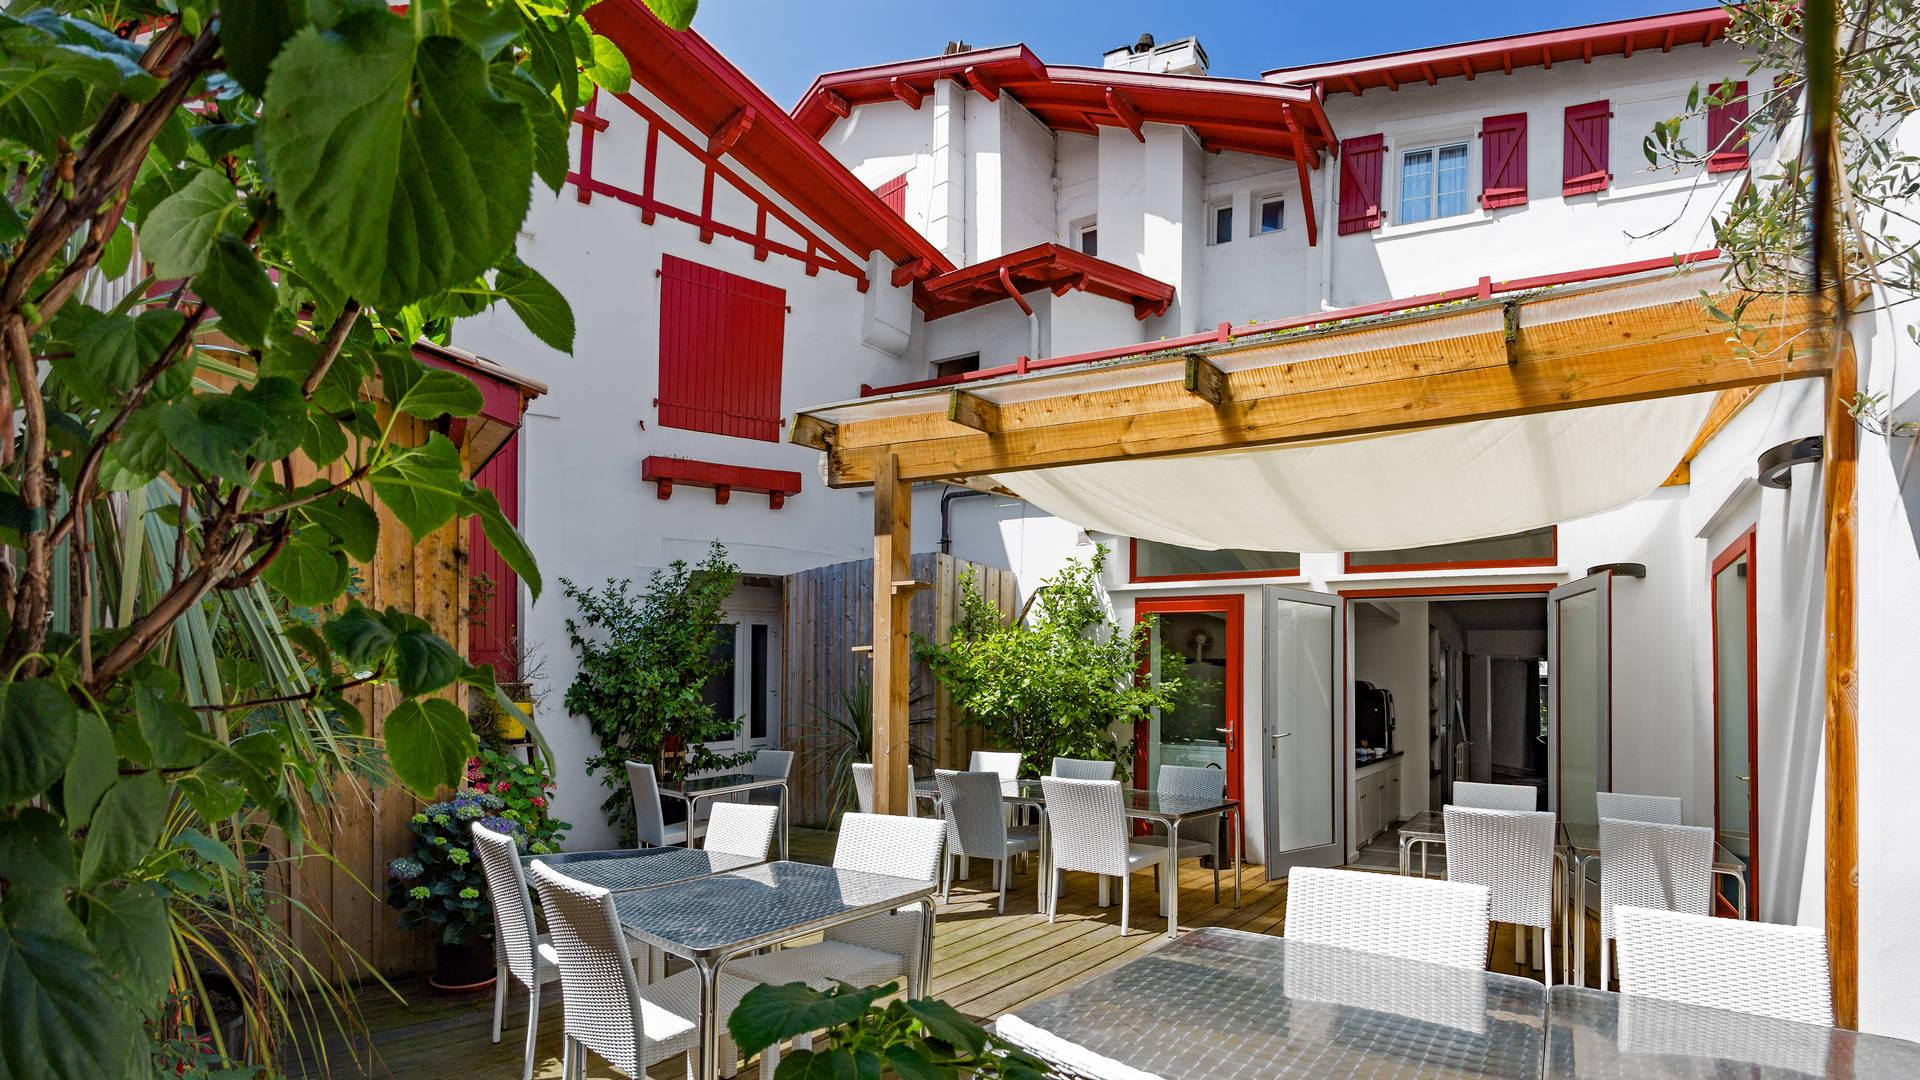 Hôtel à Biarritz avec jardin